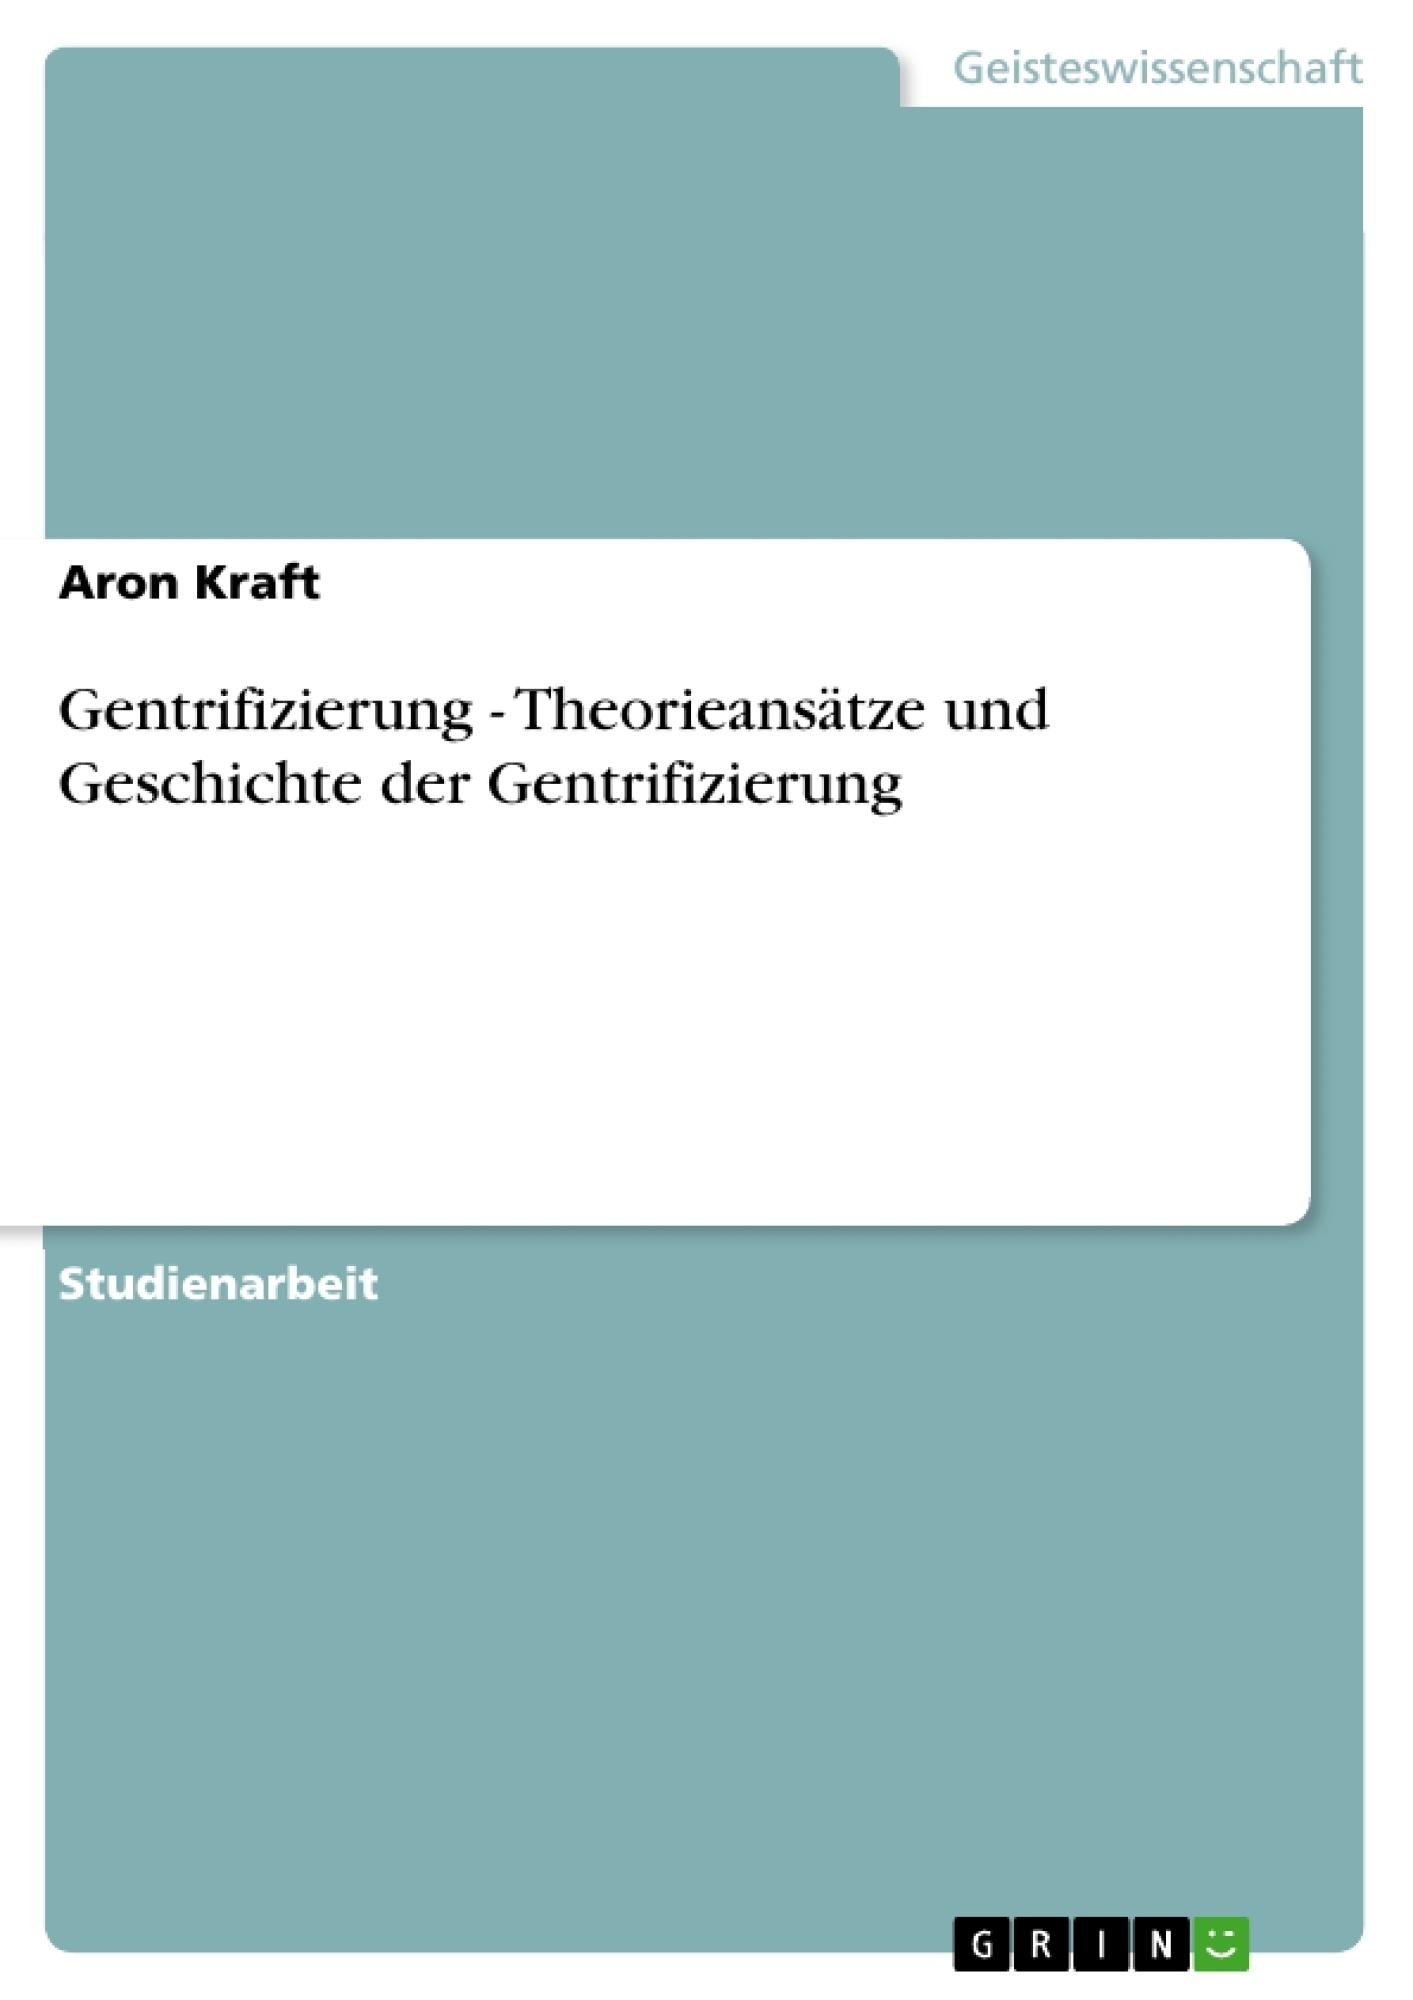 Titel: Gentrifizierung - Theorieansätze und Geschichte der Gentrifizierung